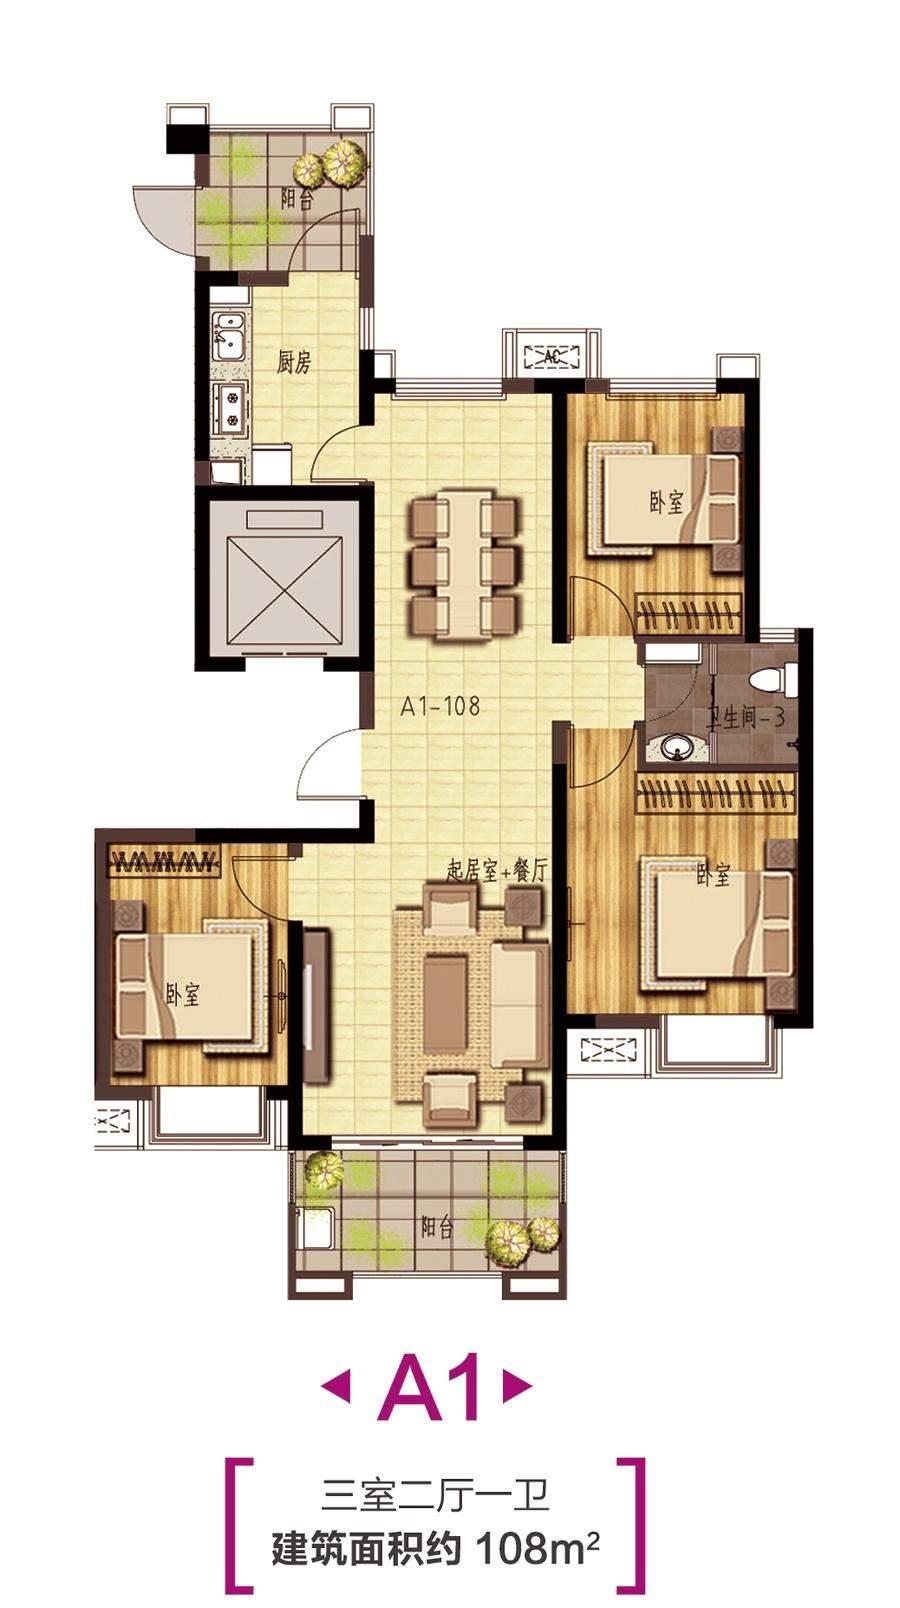 住宅A1户型图